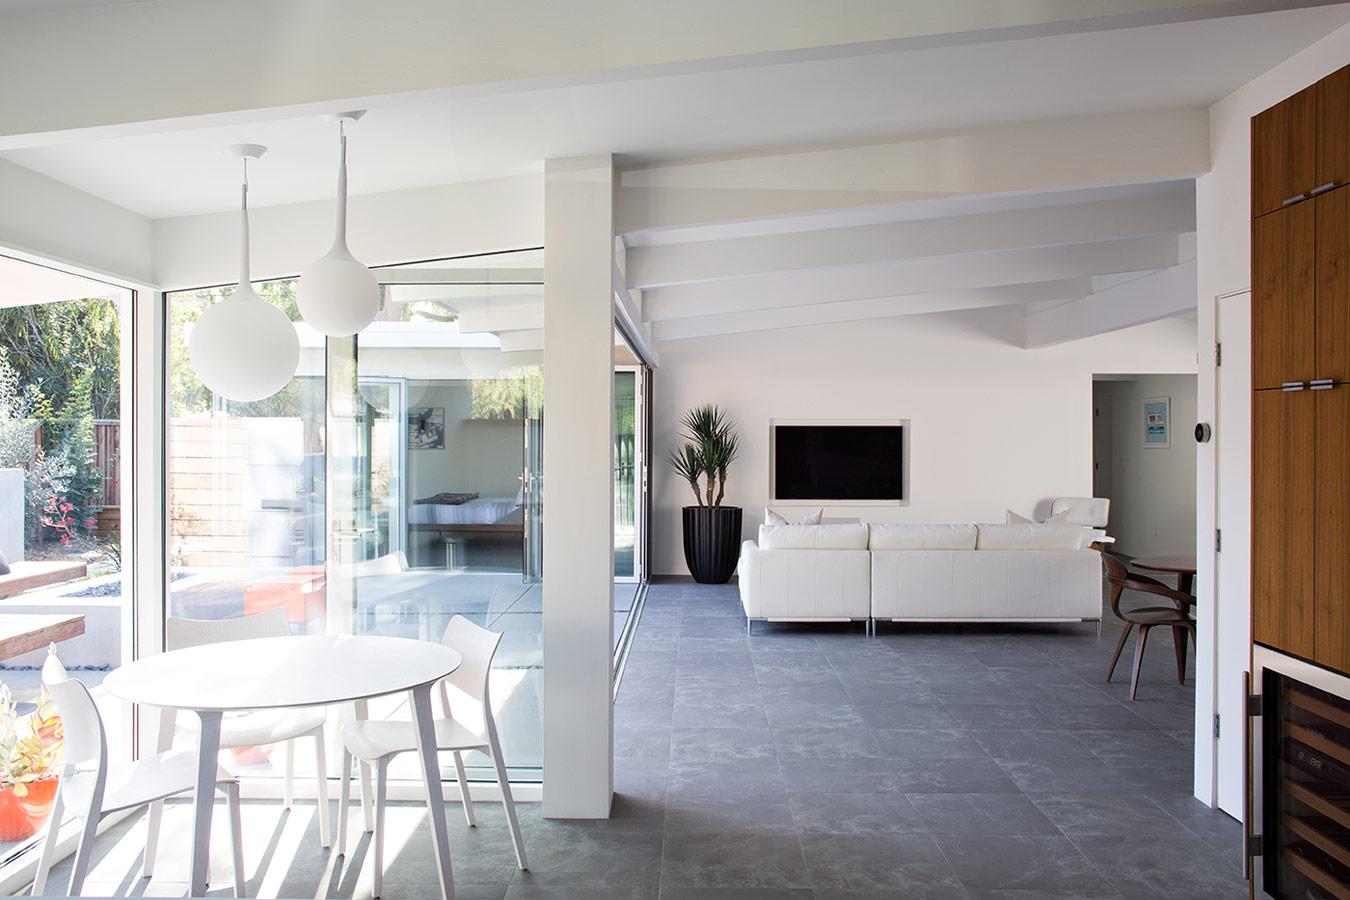 Reforma de una casa mid century en palo alto california - Casas americanas interiores ...